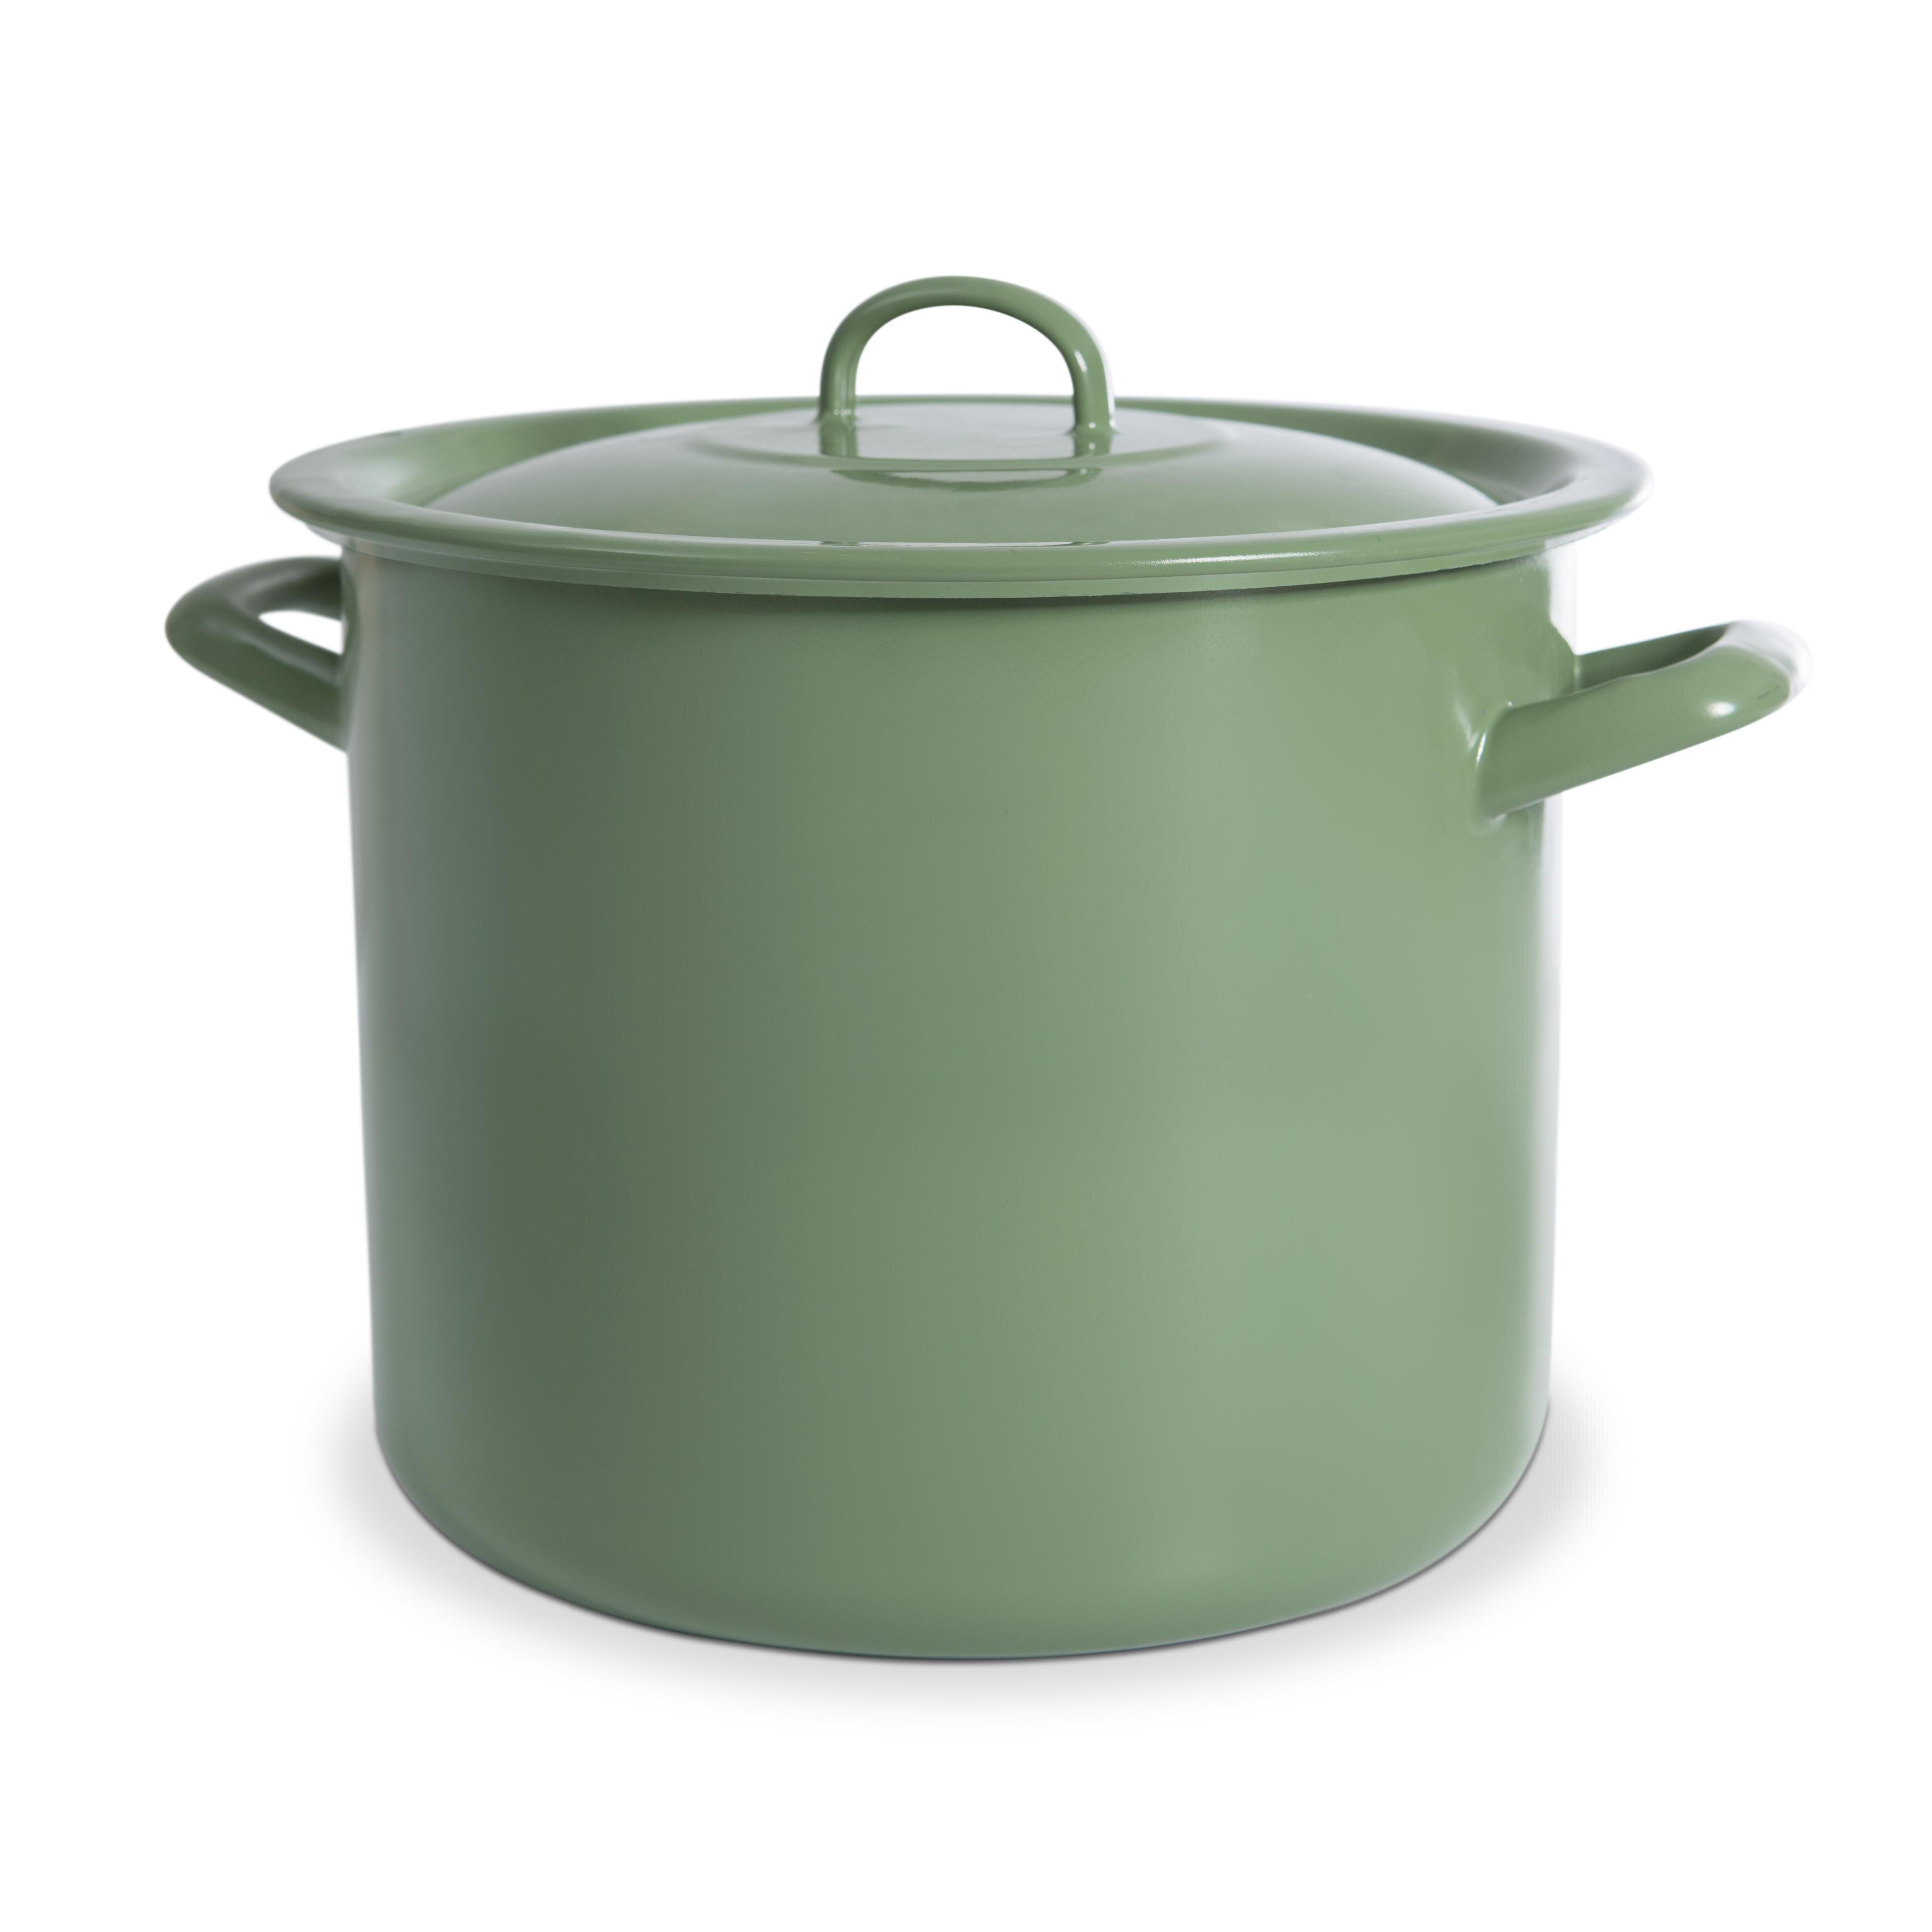 BK Cookware | Wayfair.co.uk